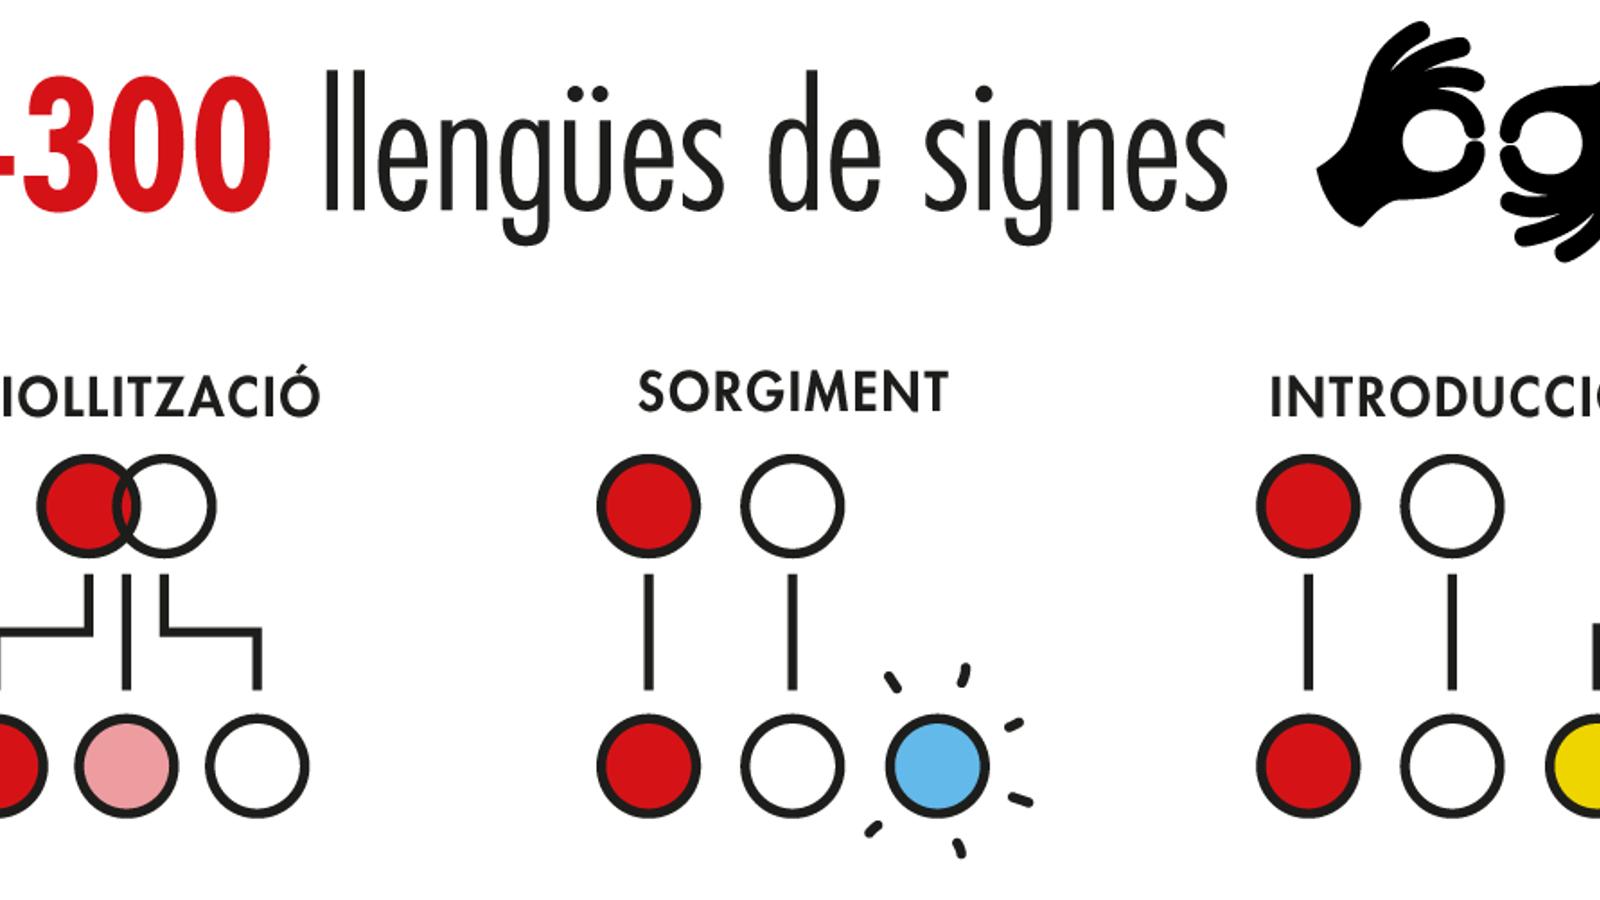 Les llengües de signes, un món per aprendre